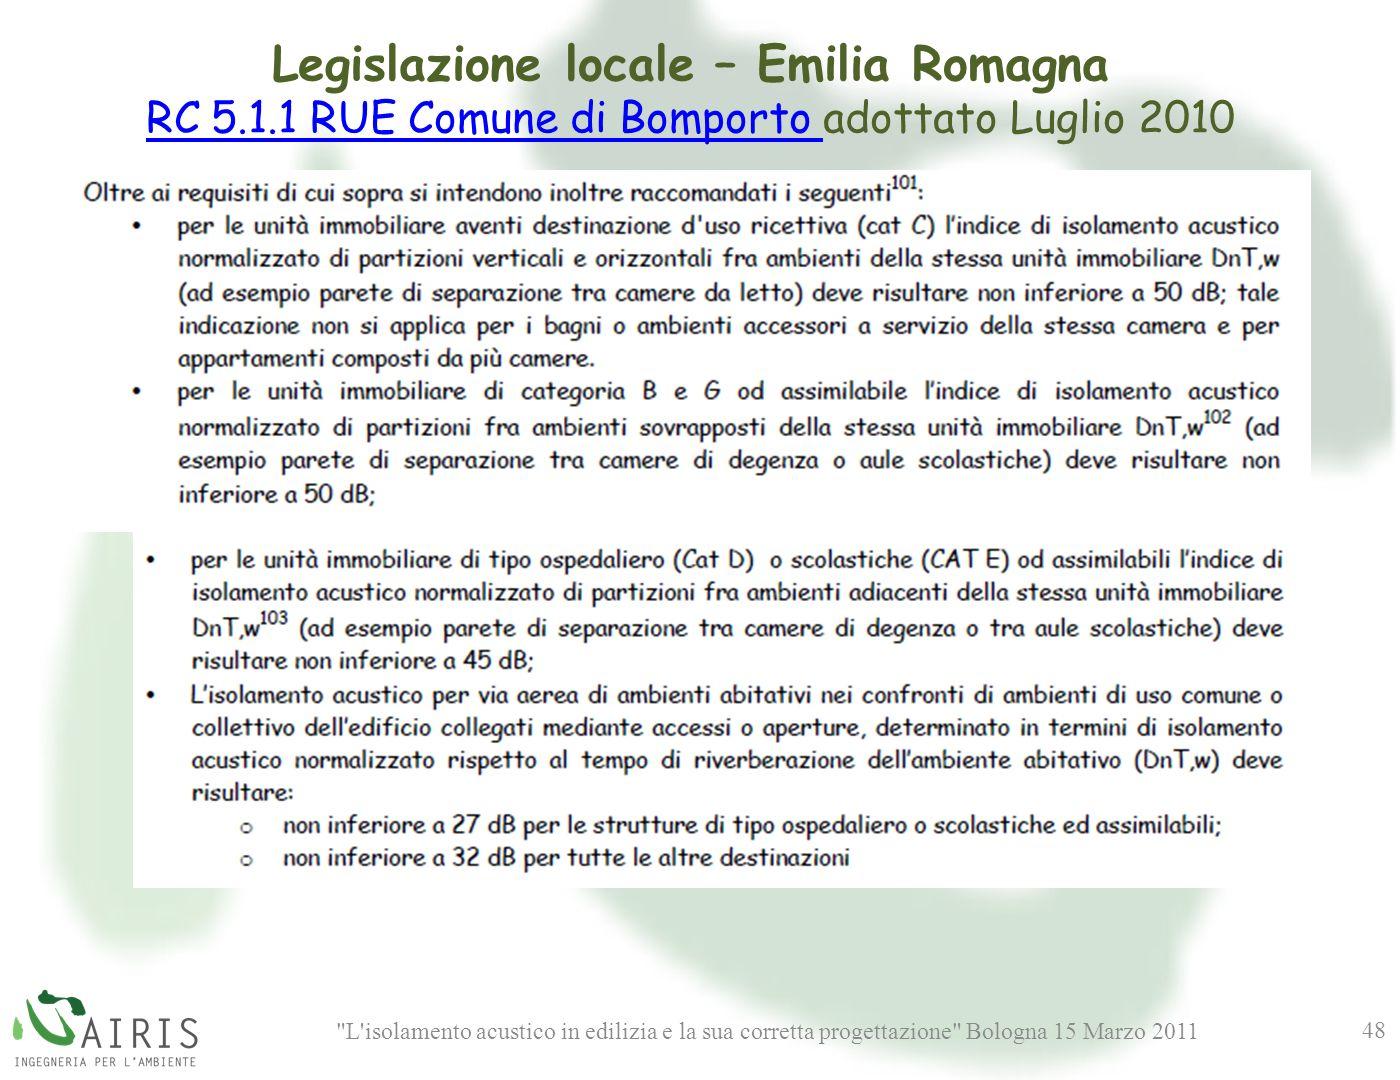 L isolamento acustico in edilizia e la sua corretta progettazione Bologna 15 Marzo 2011 48 Legislazione locale – Emilia Romagna RC 5.1.1 RUE Comune di Bomporto RC 5.1.1 RUE Comune di Bomporto adottato Luglio 2010